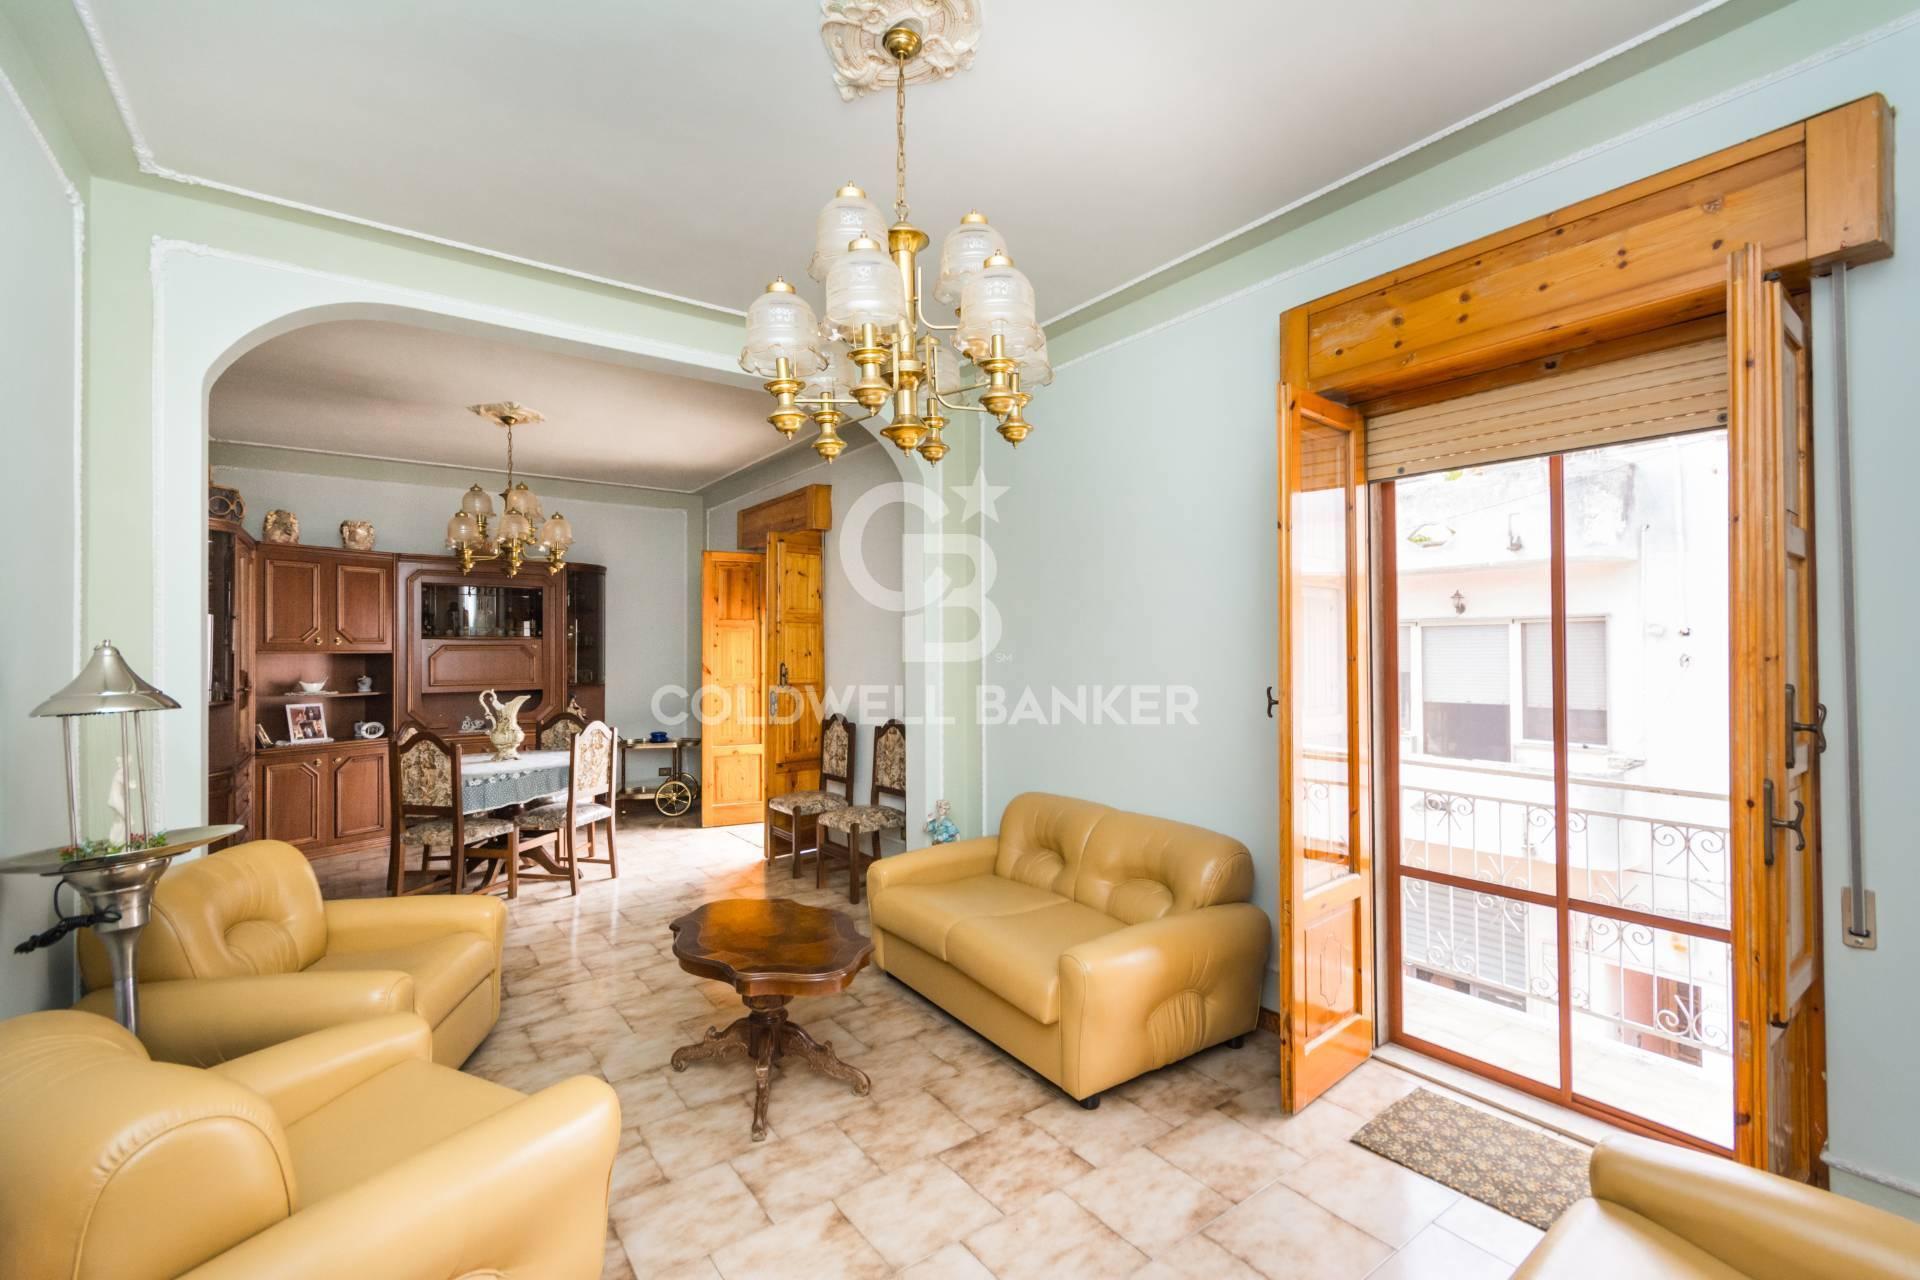 Appartamento in vendita a Latiano, 4 locali, prezzo € 85.000   PortaleAgenzieImmobiliari.it